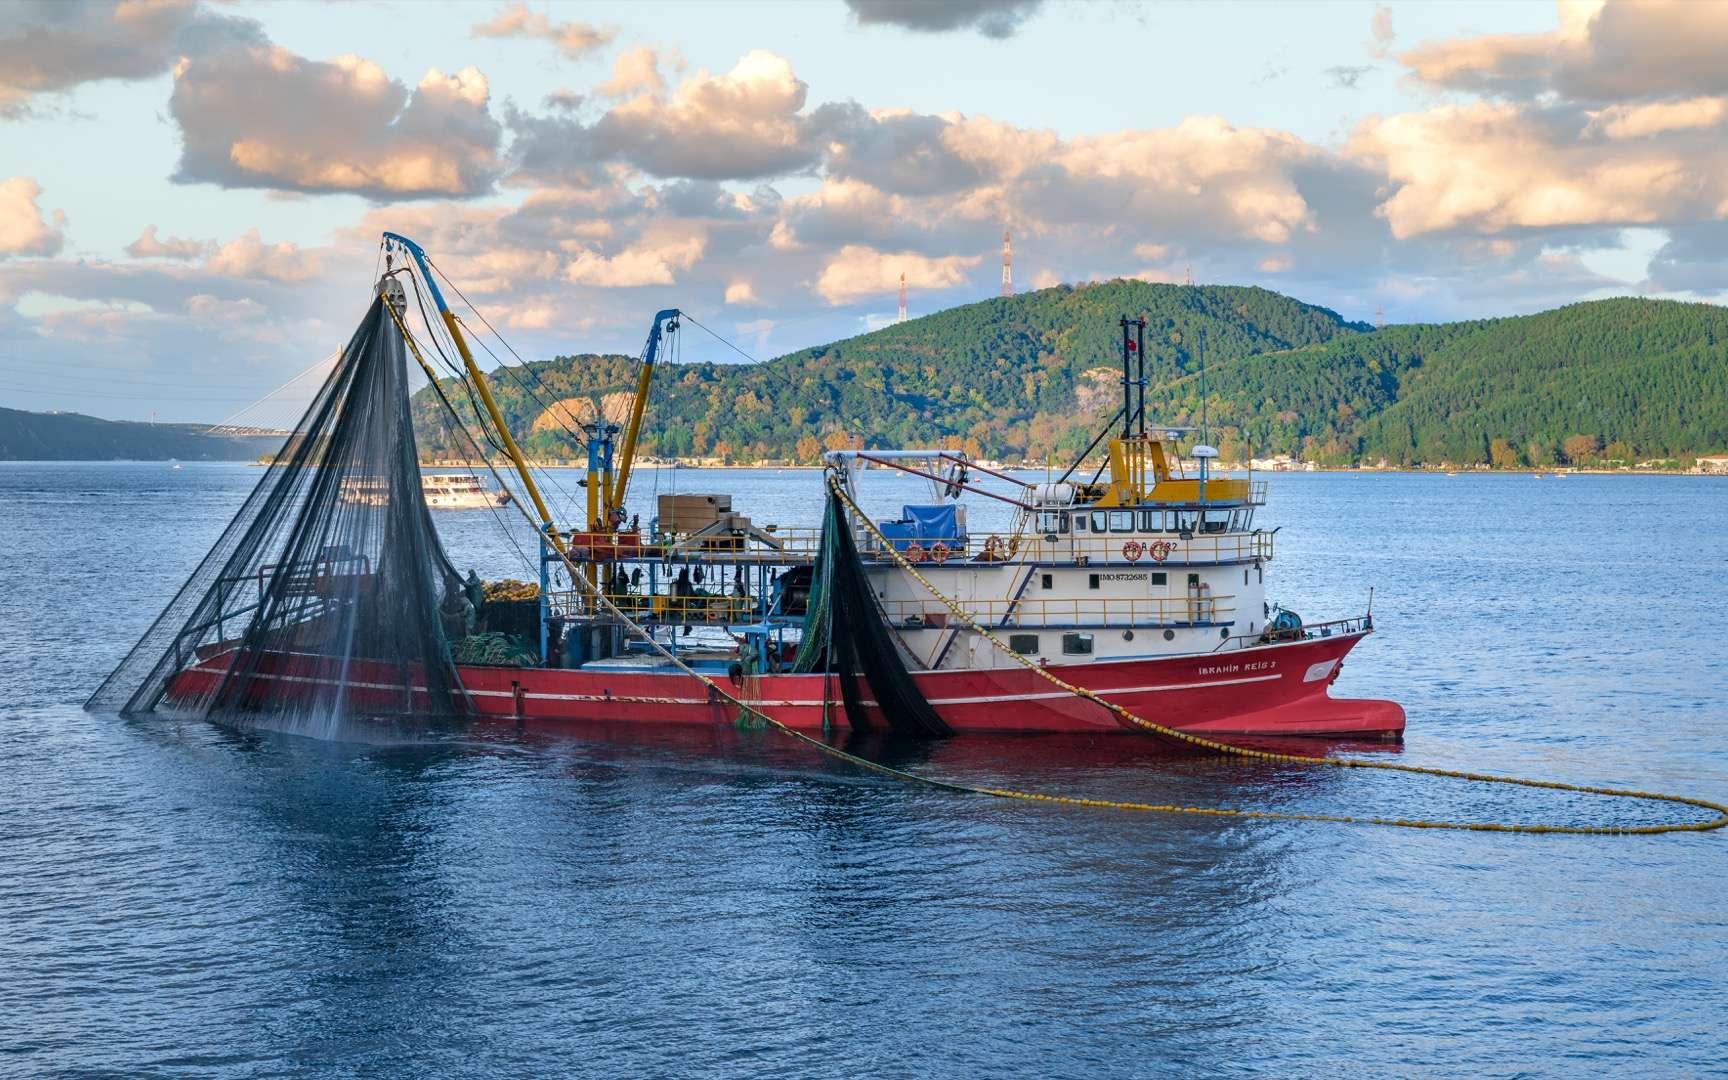 Quel sera l'impact du changement climatique sur l'agriculture et la pêche sur nos sociétés ? © Can, Adobe Stock